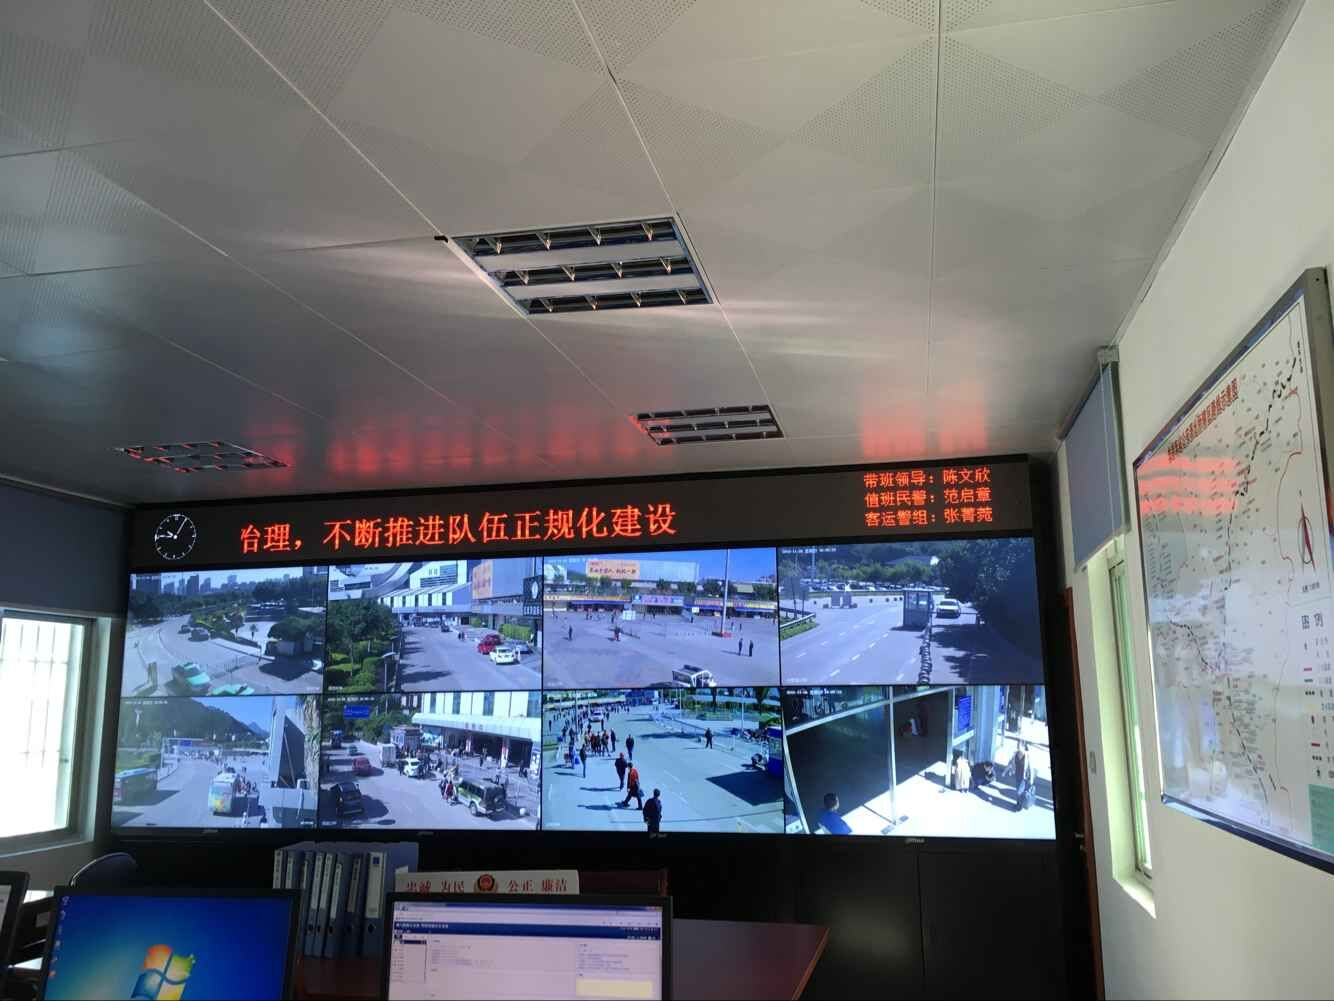 曼德指挥中心小间距led显示屏还可广泛应用于:电力